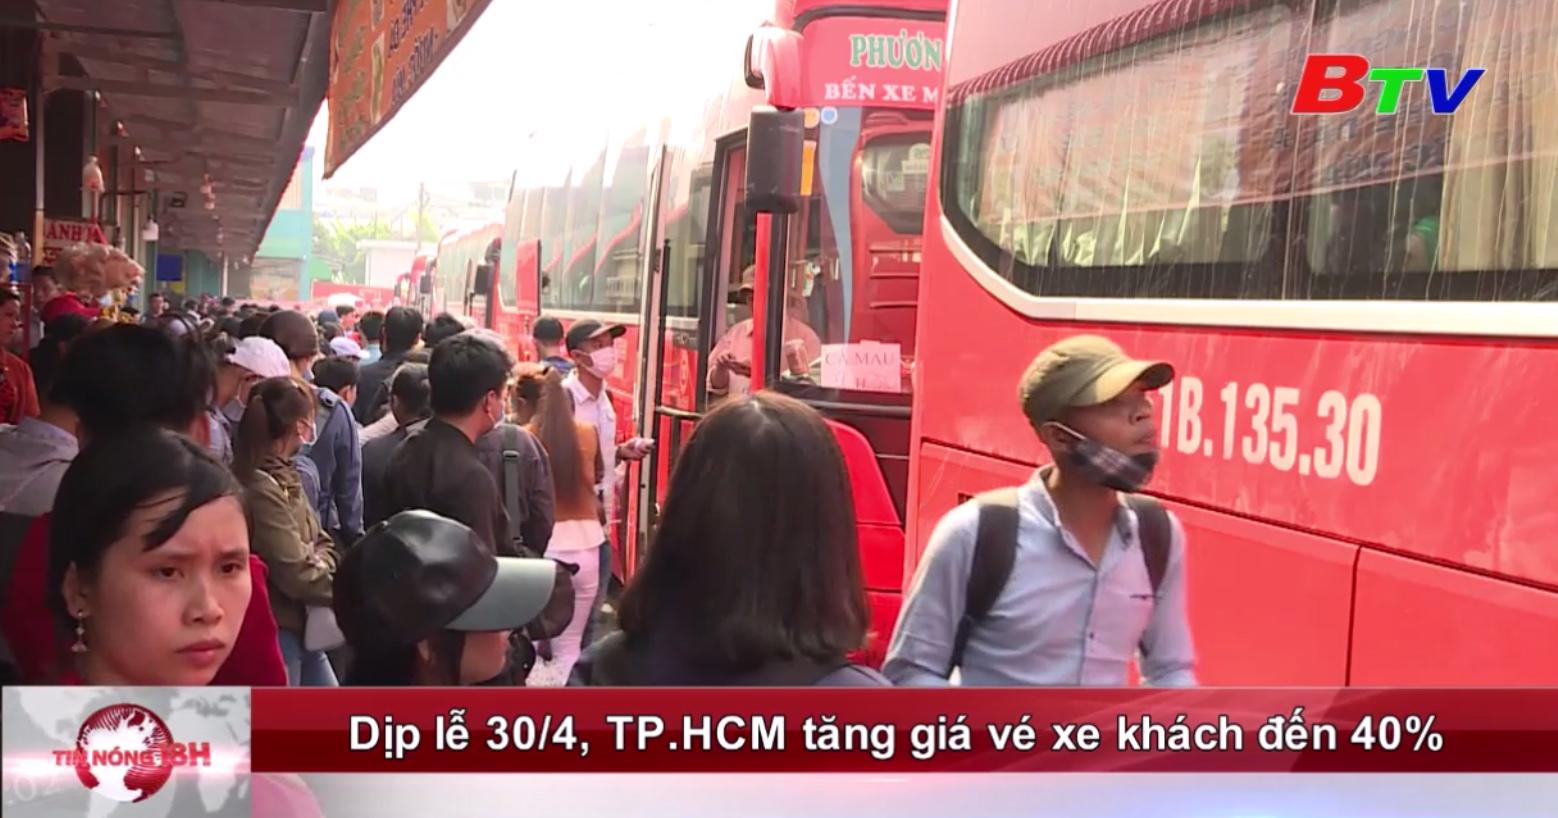 Dịp lễ 30/4, TP.HCM tăng giá vé xe khách lên đến 40%